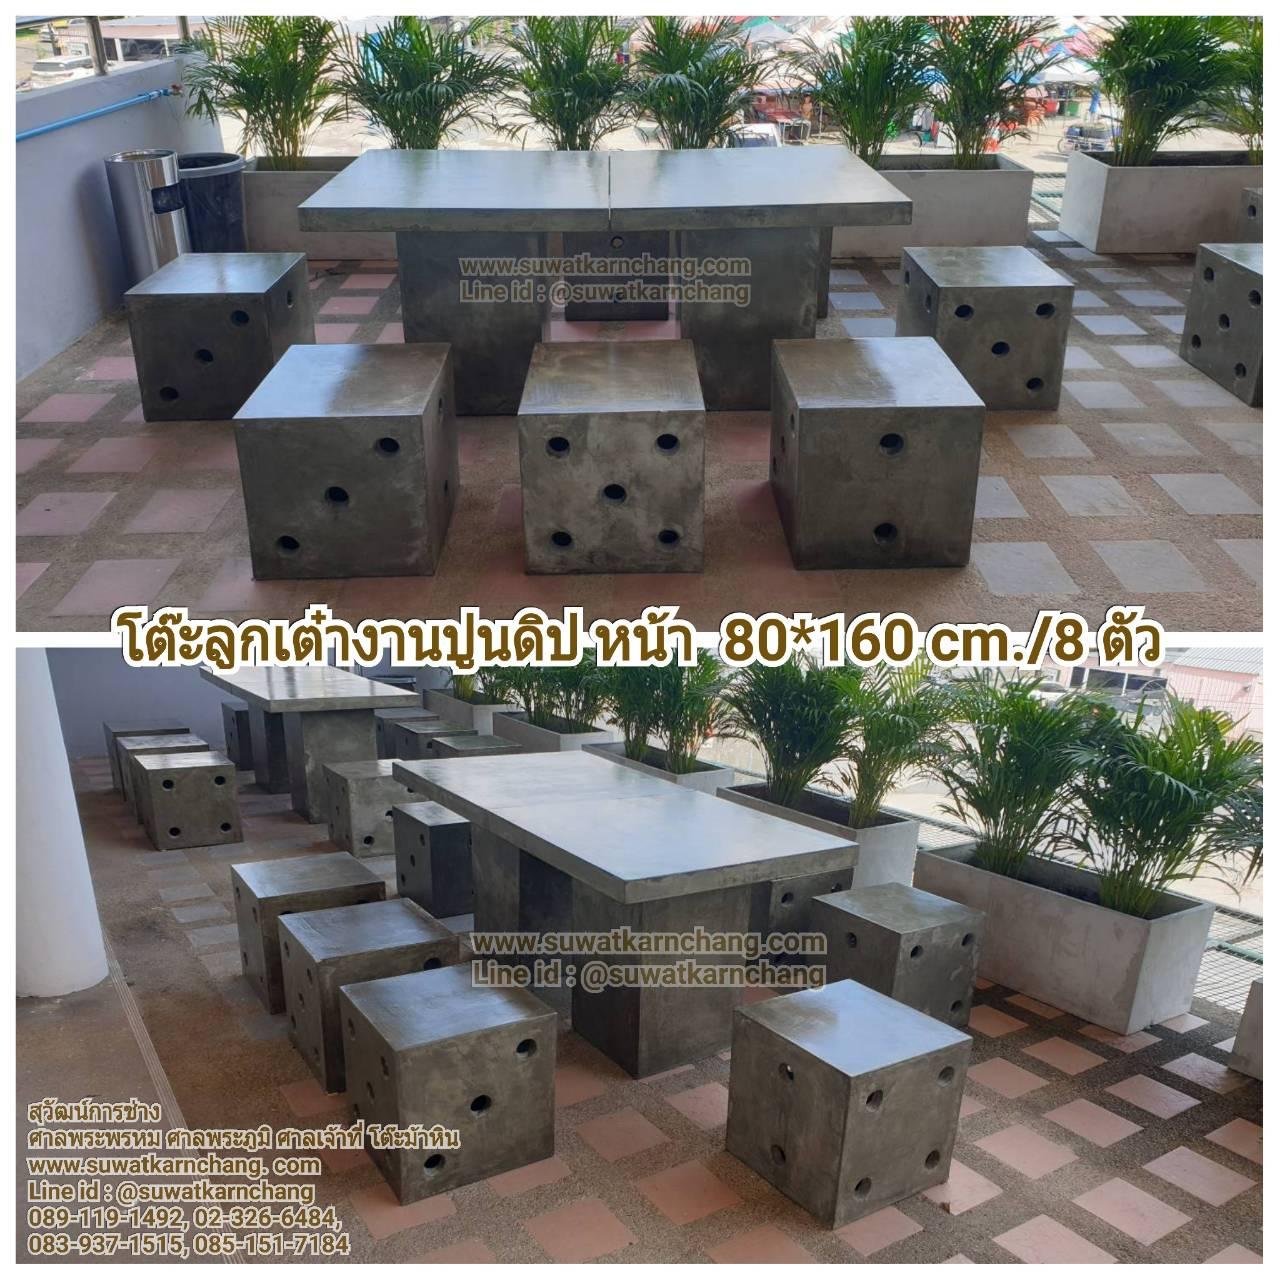 โต๊ะลูกเต๋างานปูนดิบต่อกัน 2 ชุด หน้า 80*160 ซม. ตัวนั่ง 8 ตัว  สุวัฒน์การช่าง